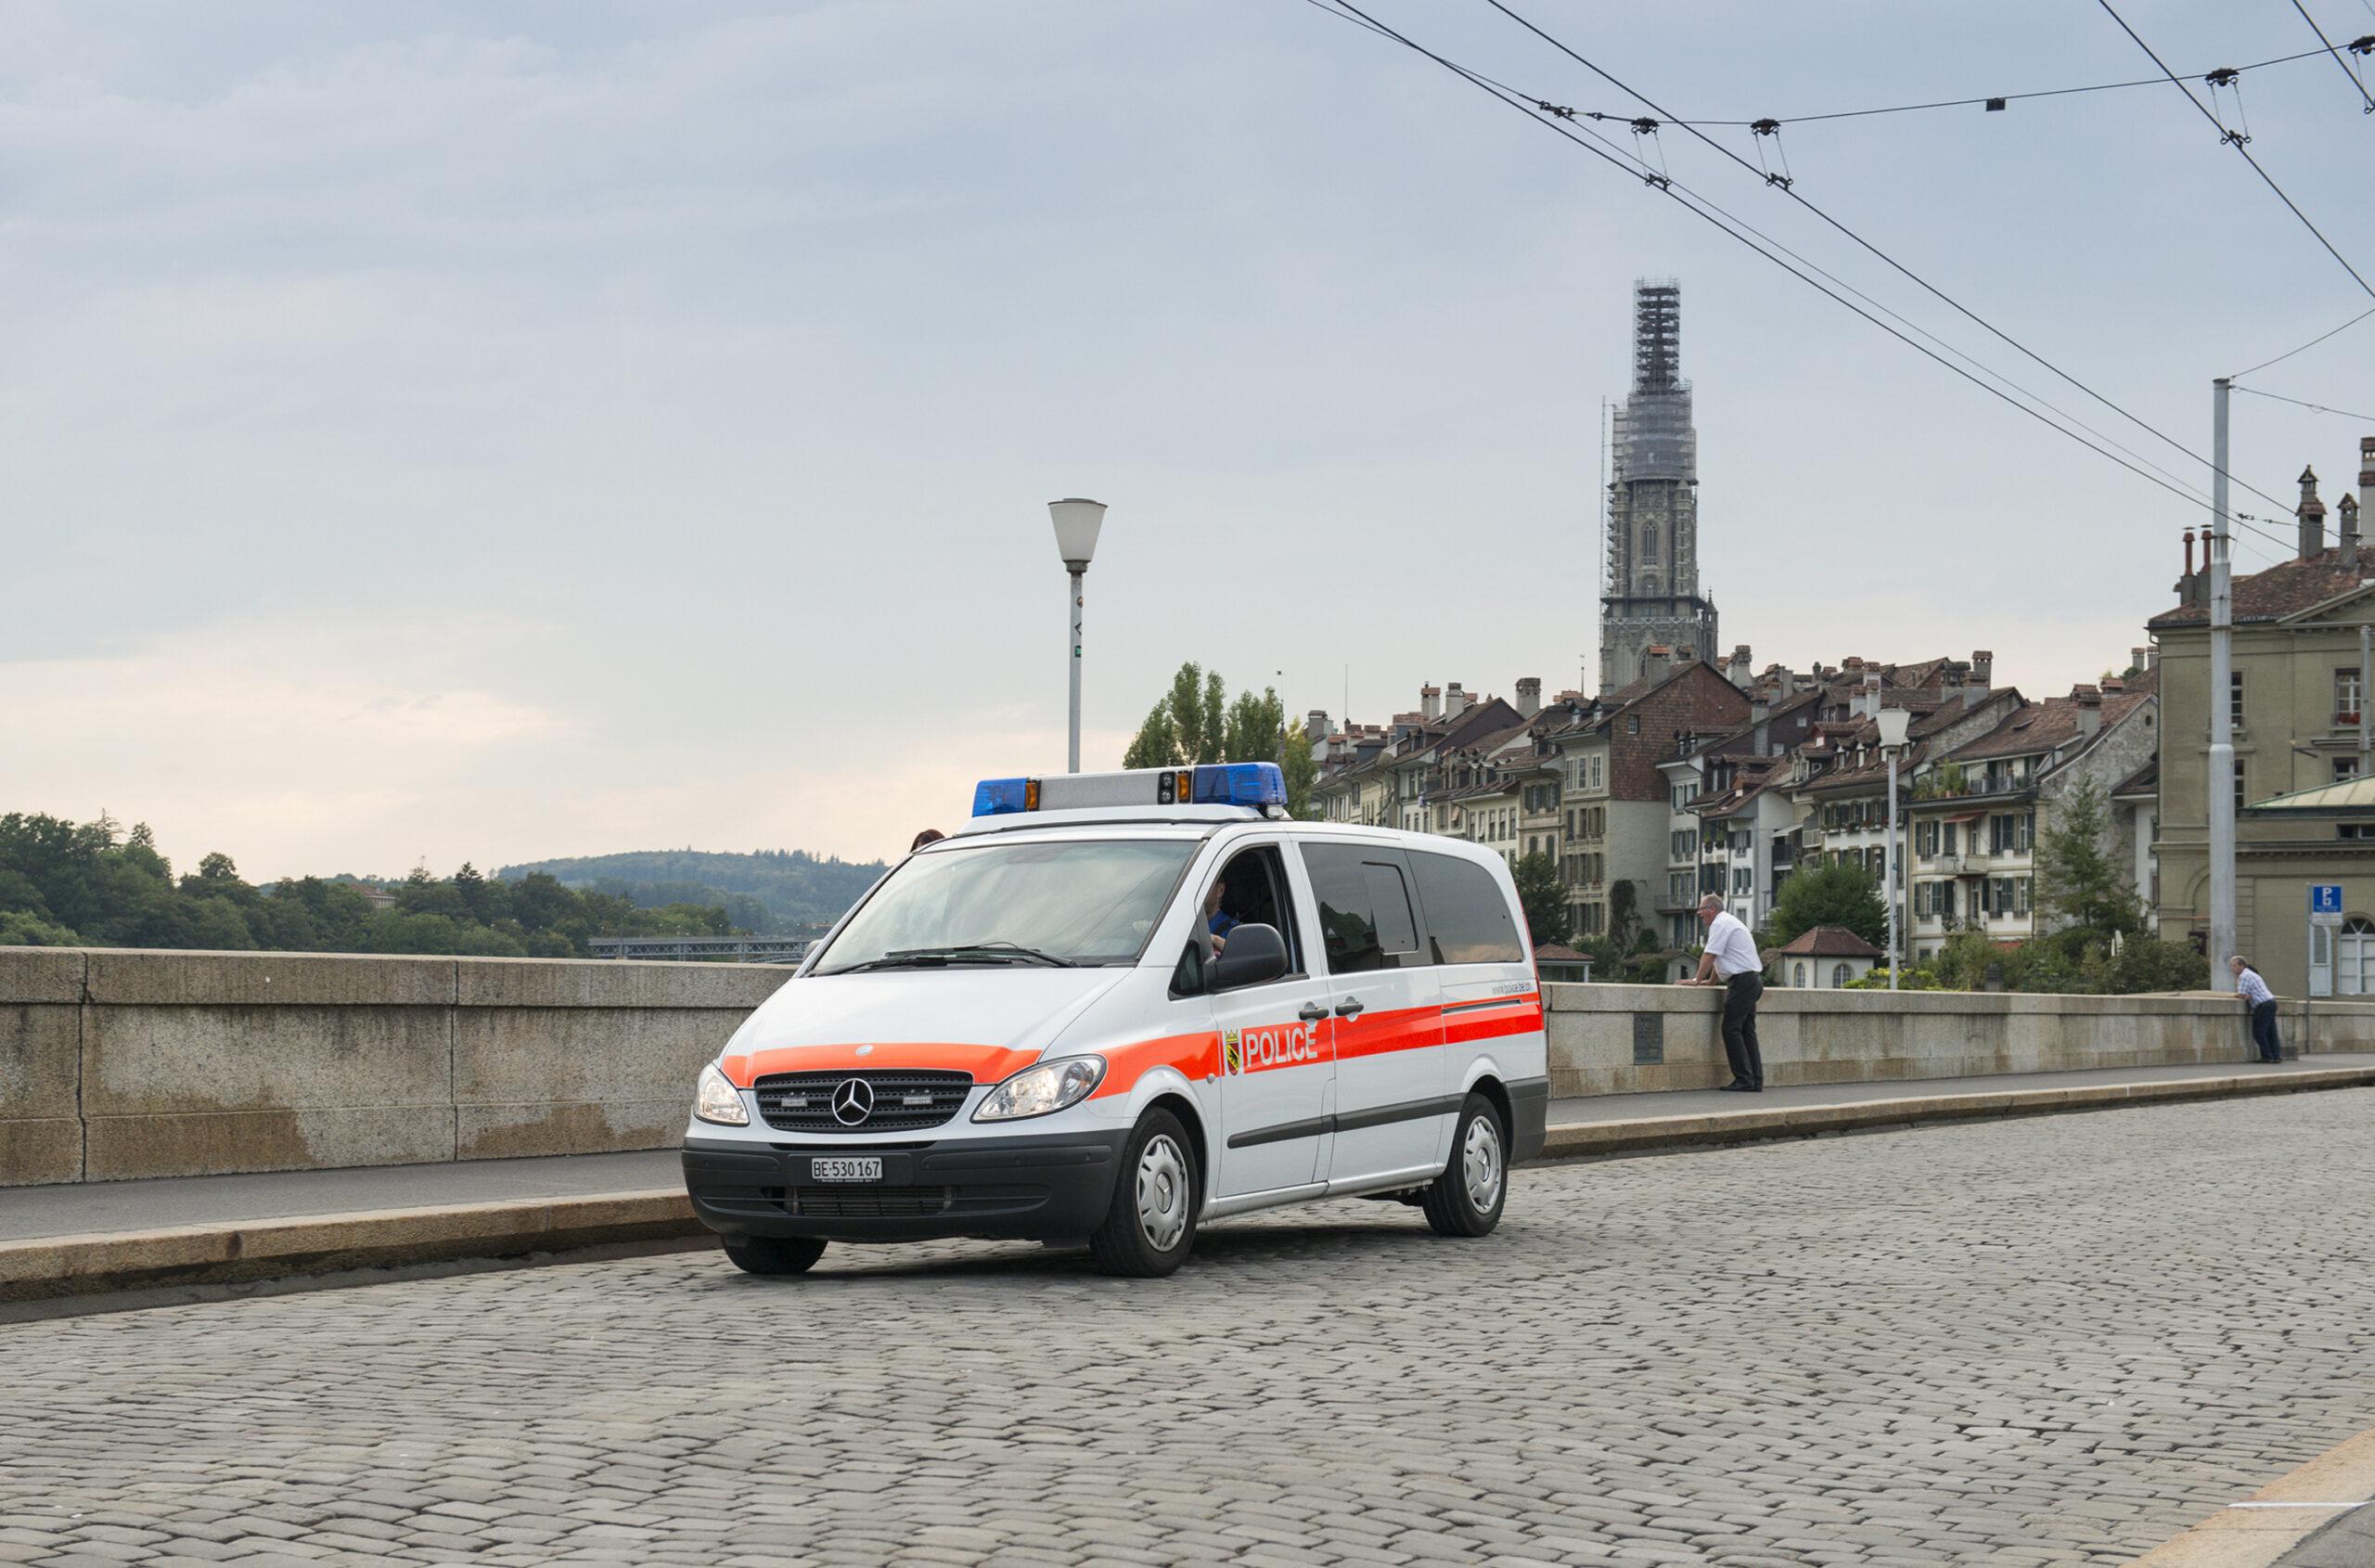 Die Kapo Bern leistet auch wichtige Präventionsarbeit für die Sicherheit. (Bildquelle: Kapo Bern)